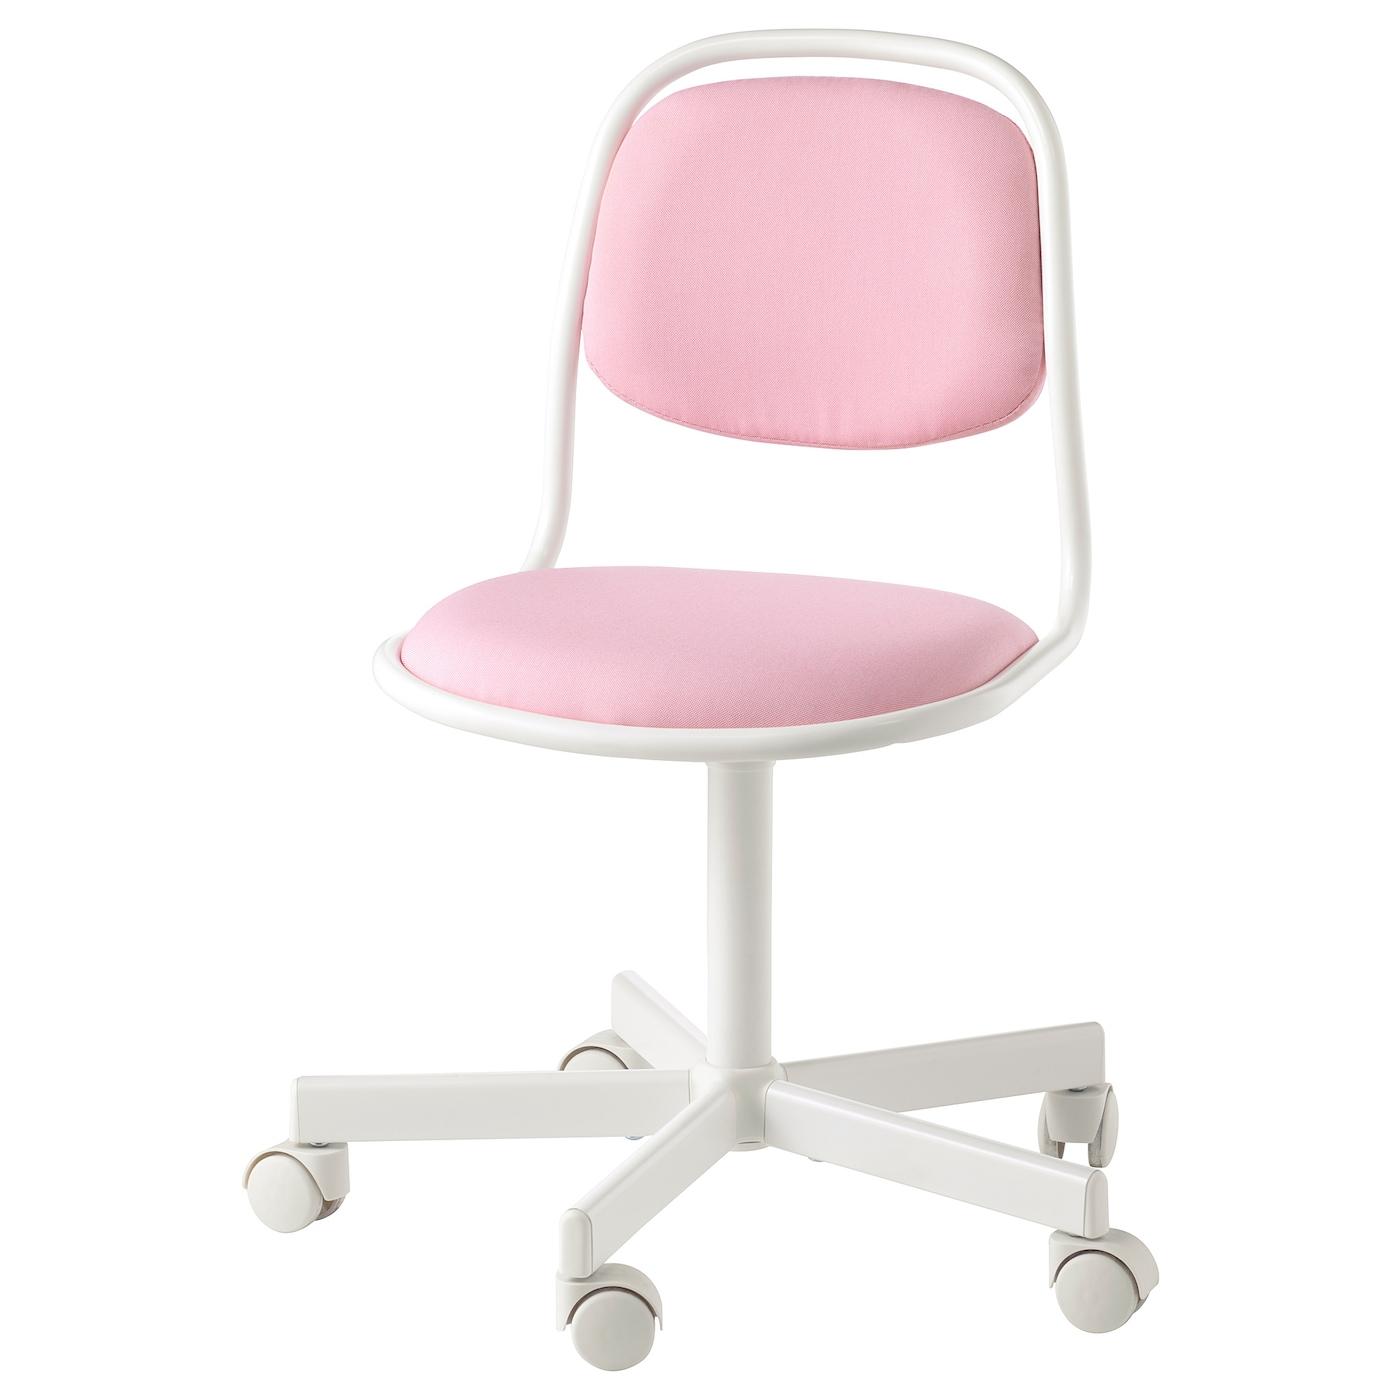 IKEA ÖRFJÄLL Schreibtischstuhl für kinder weiß/Vissle rosa | Kinderzimmer > Kindertische > Kinderschreibtische | IKEA